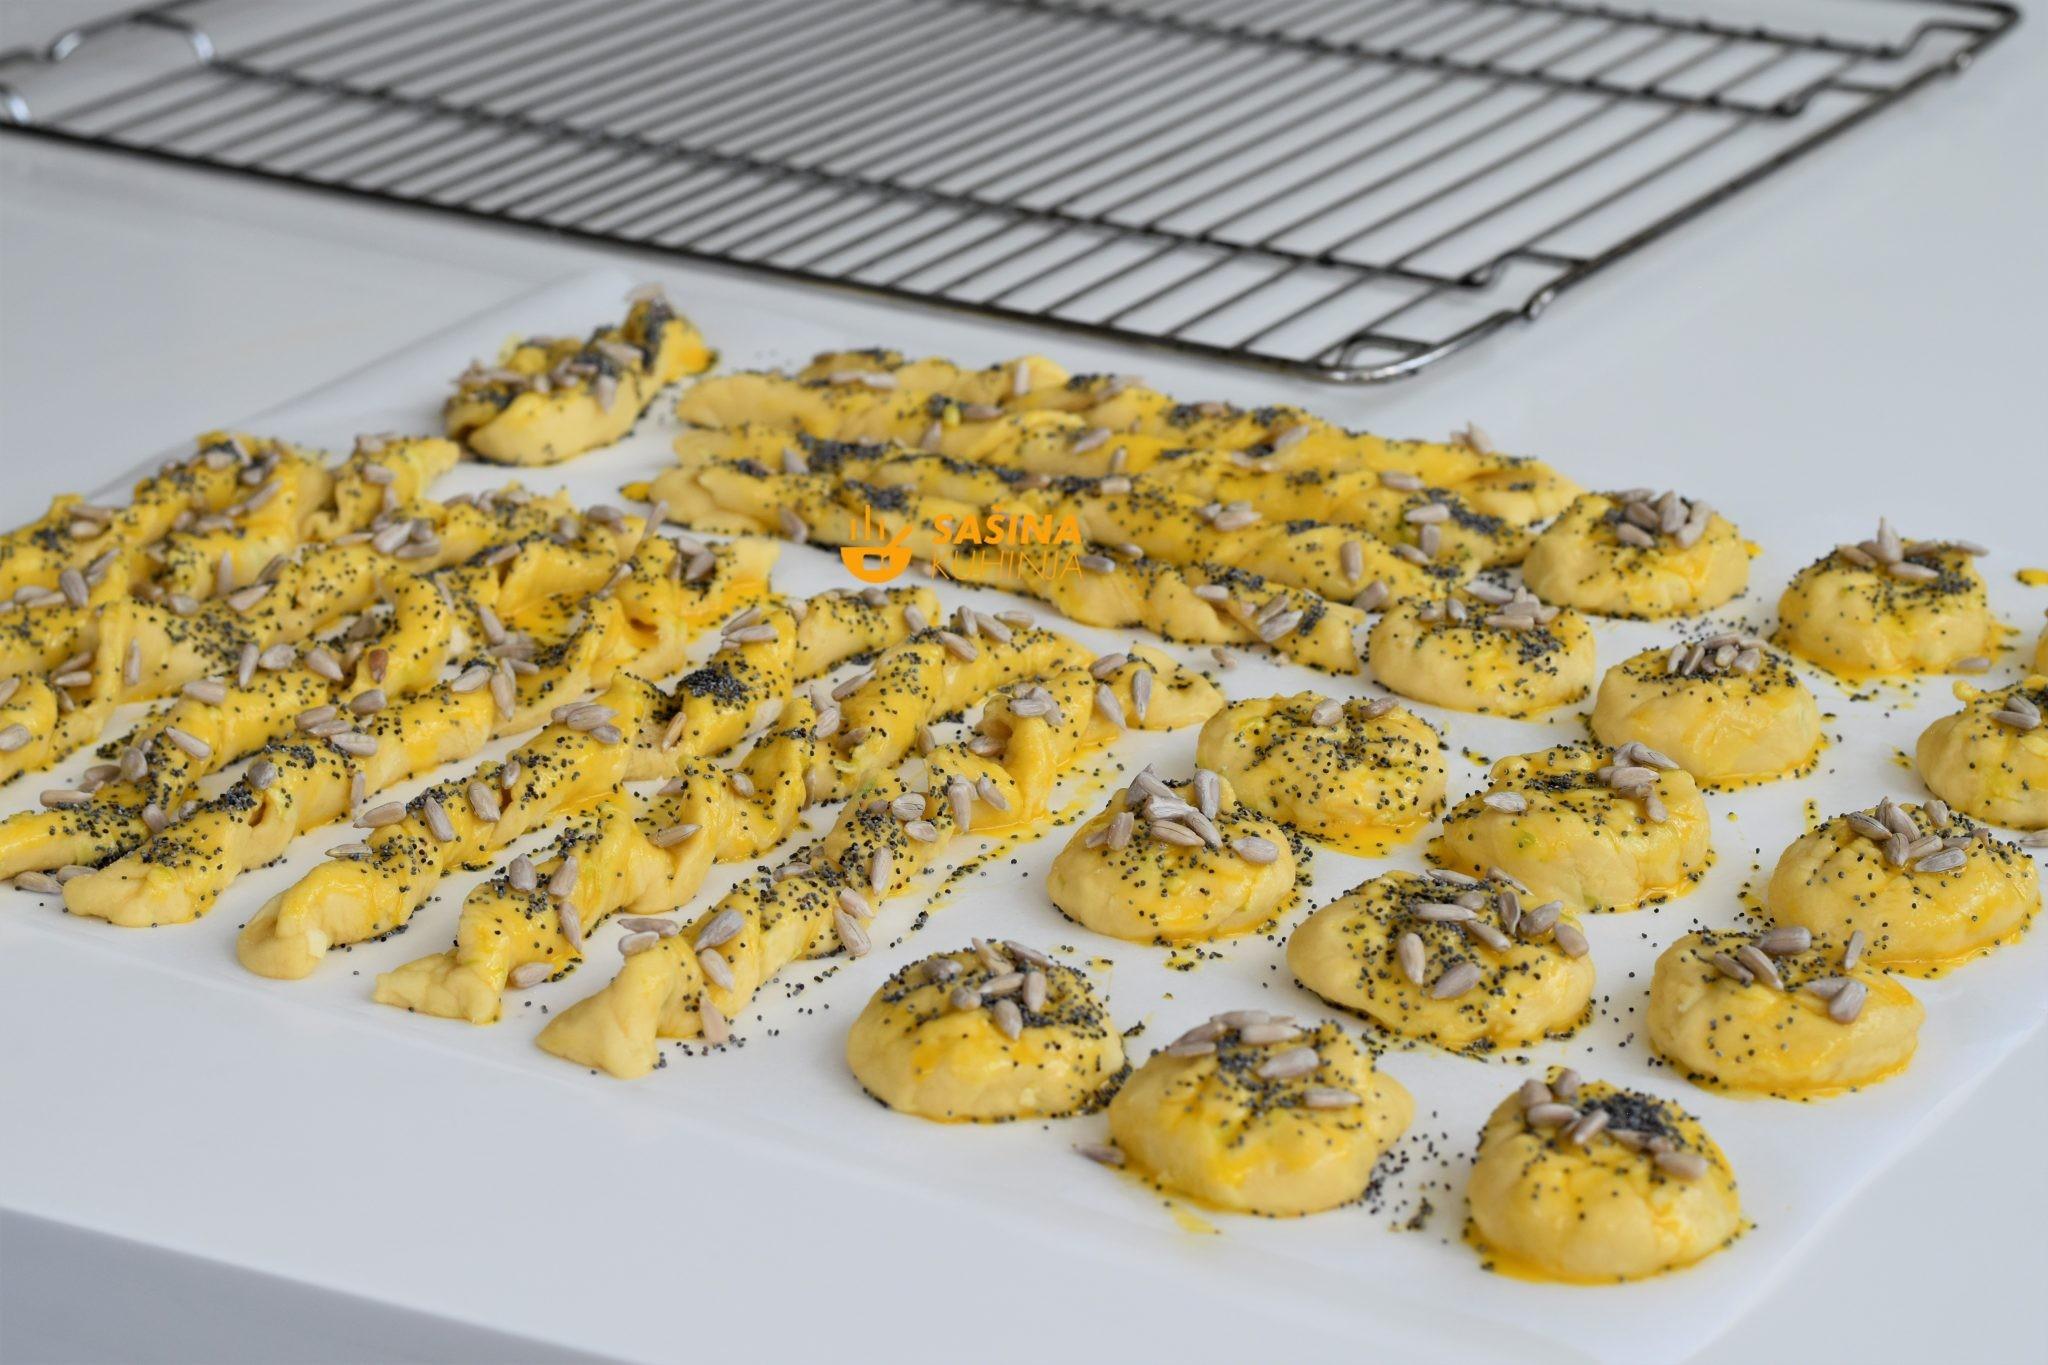 Štapići klipići zafrkanci pogačice sa trokutićima sira i tikvicama